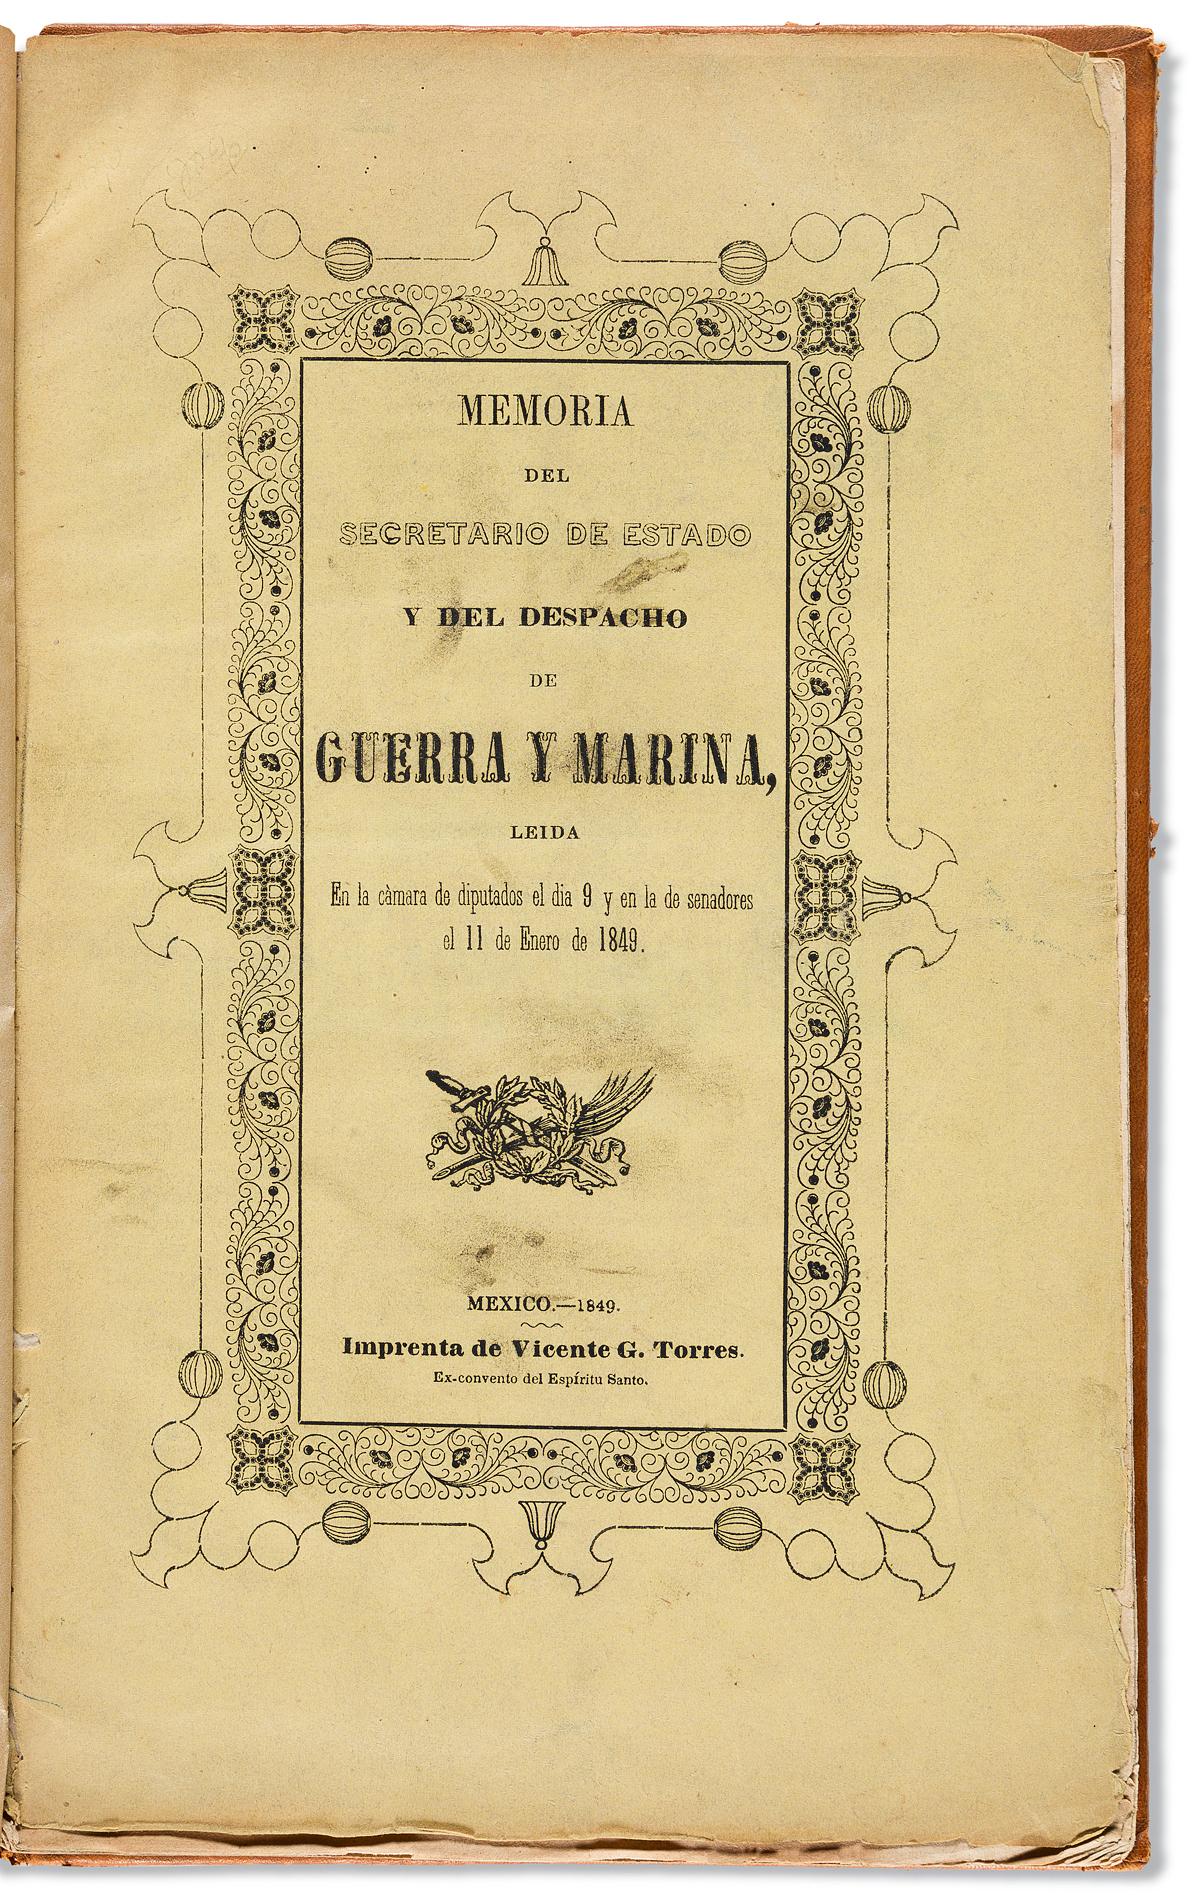 (MEXICO.) [Arista, Manuel.] Memoria del Secretario de Estado y del despacho de Guerra y Marina.